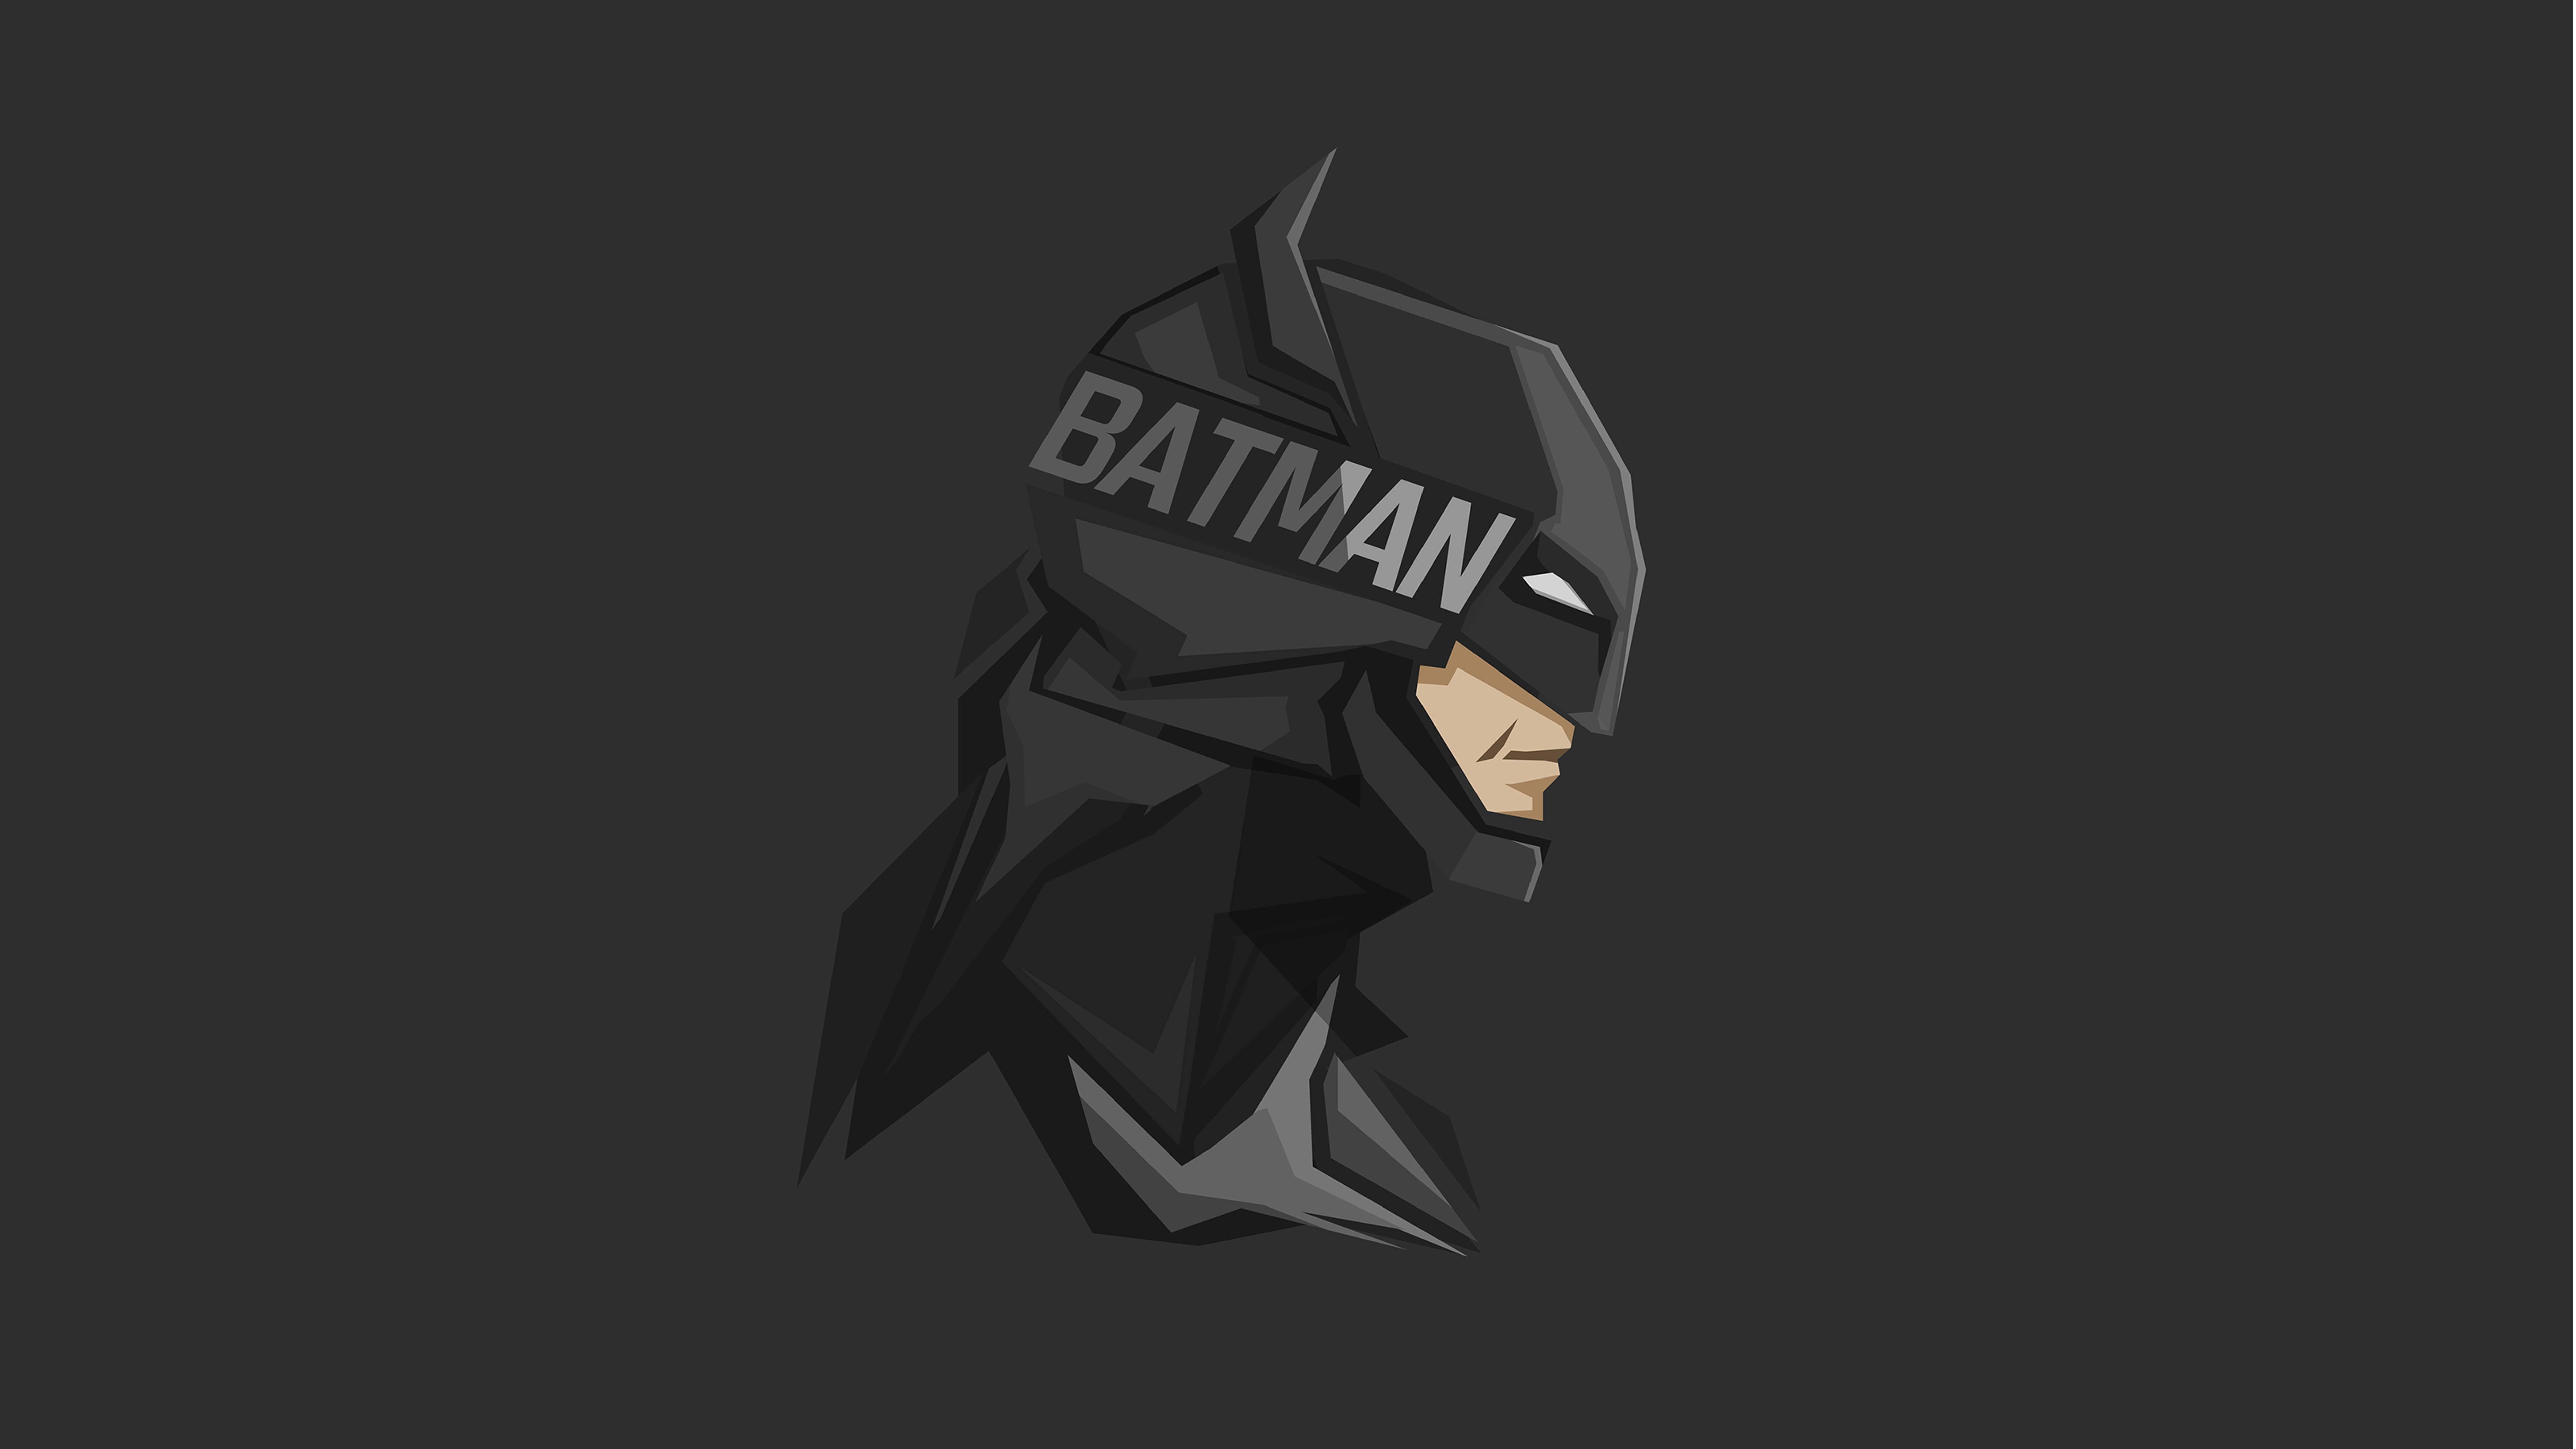 Batman Wallpaper 147 7680x4320